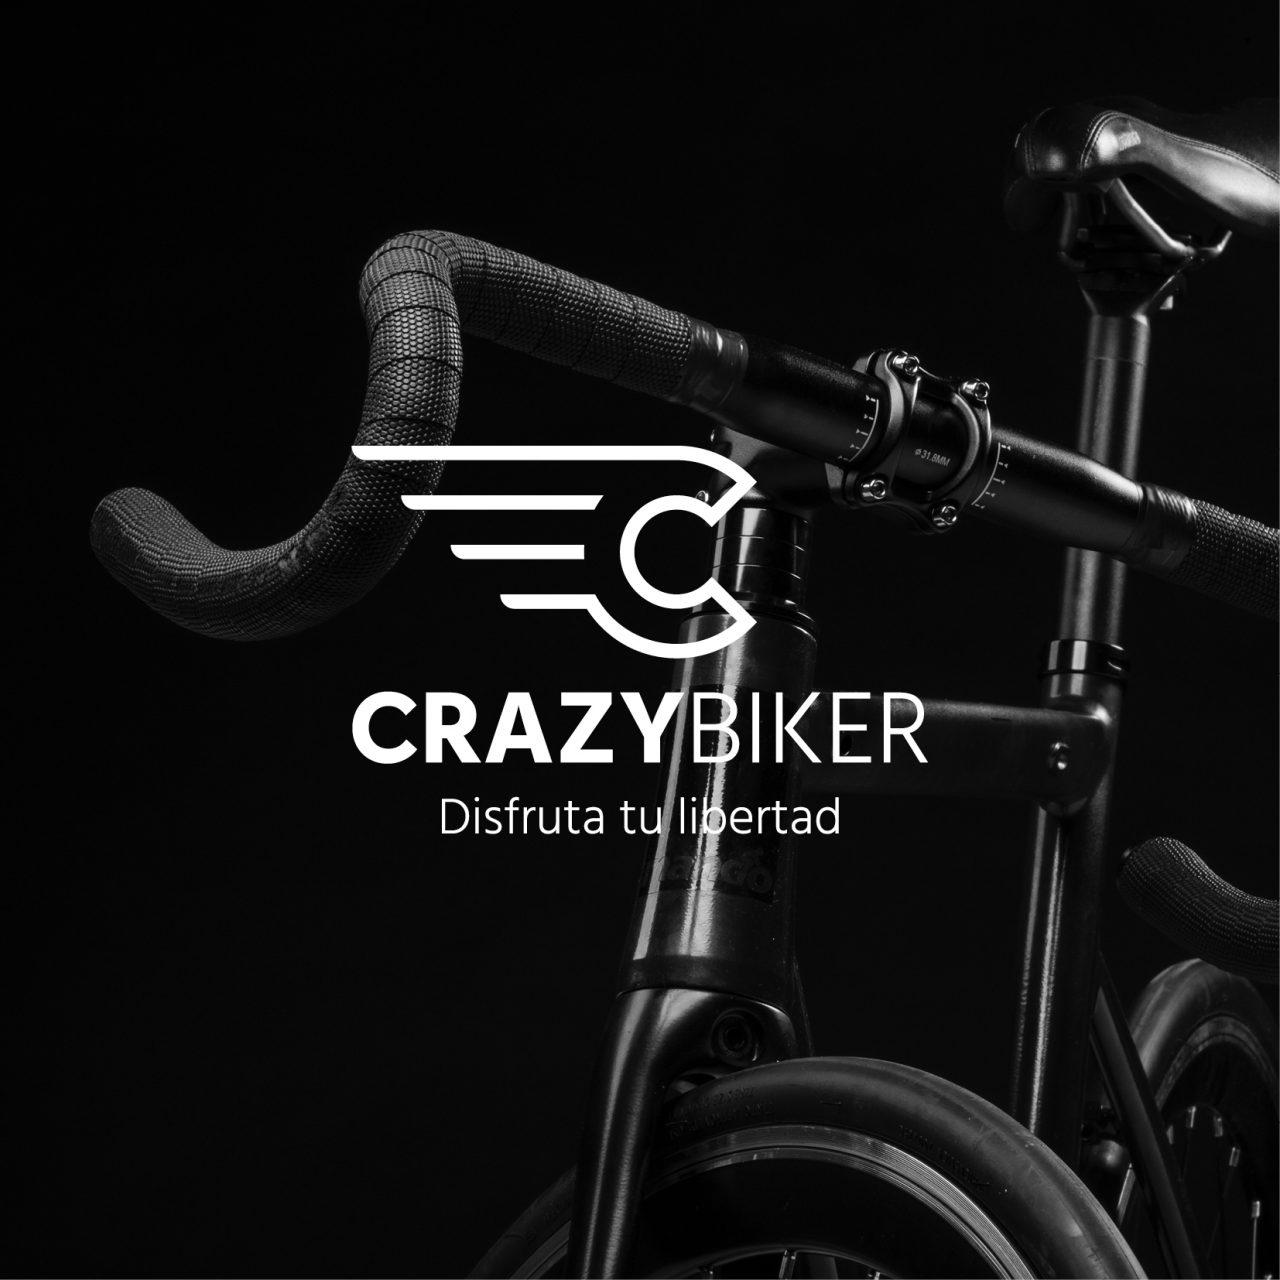 Diseño de marca de bicis